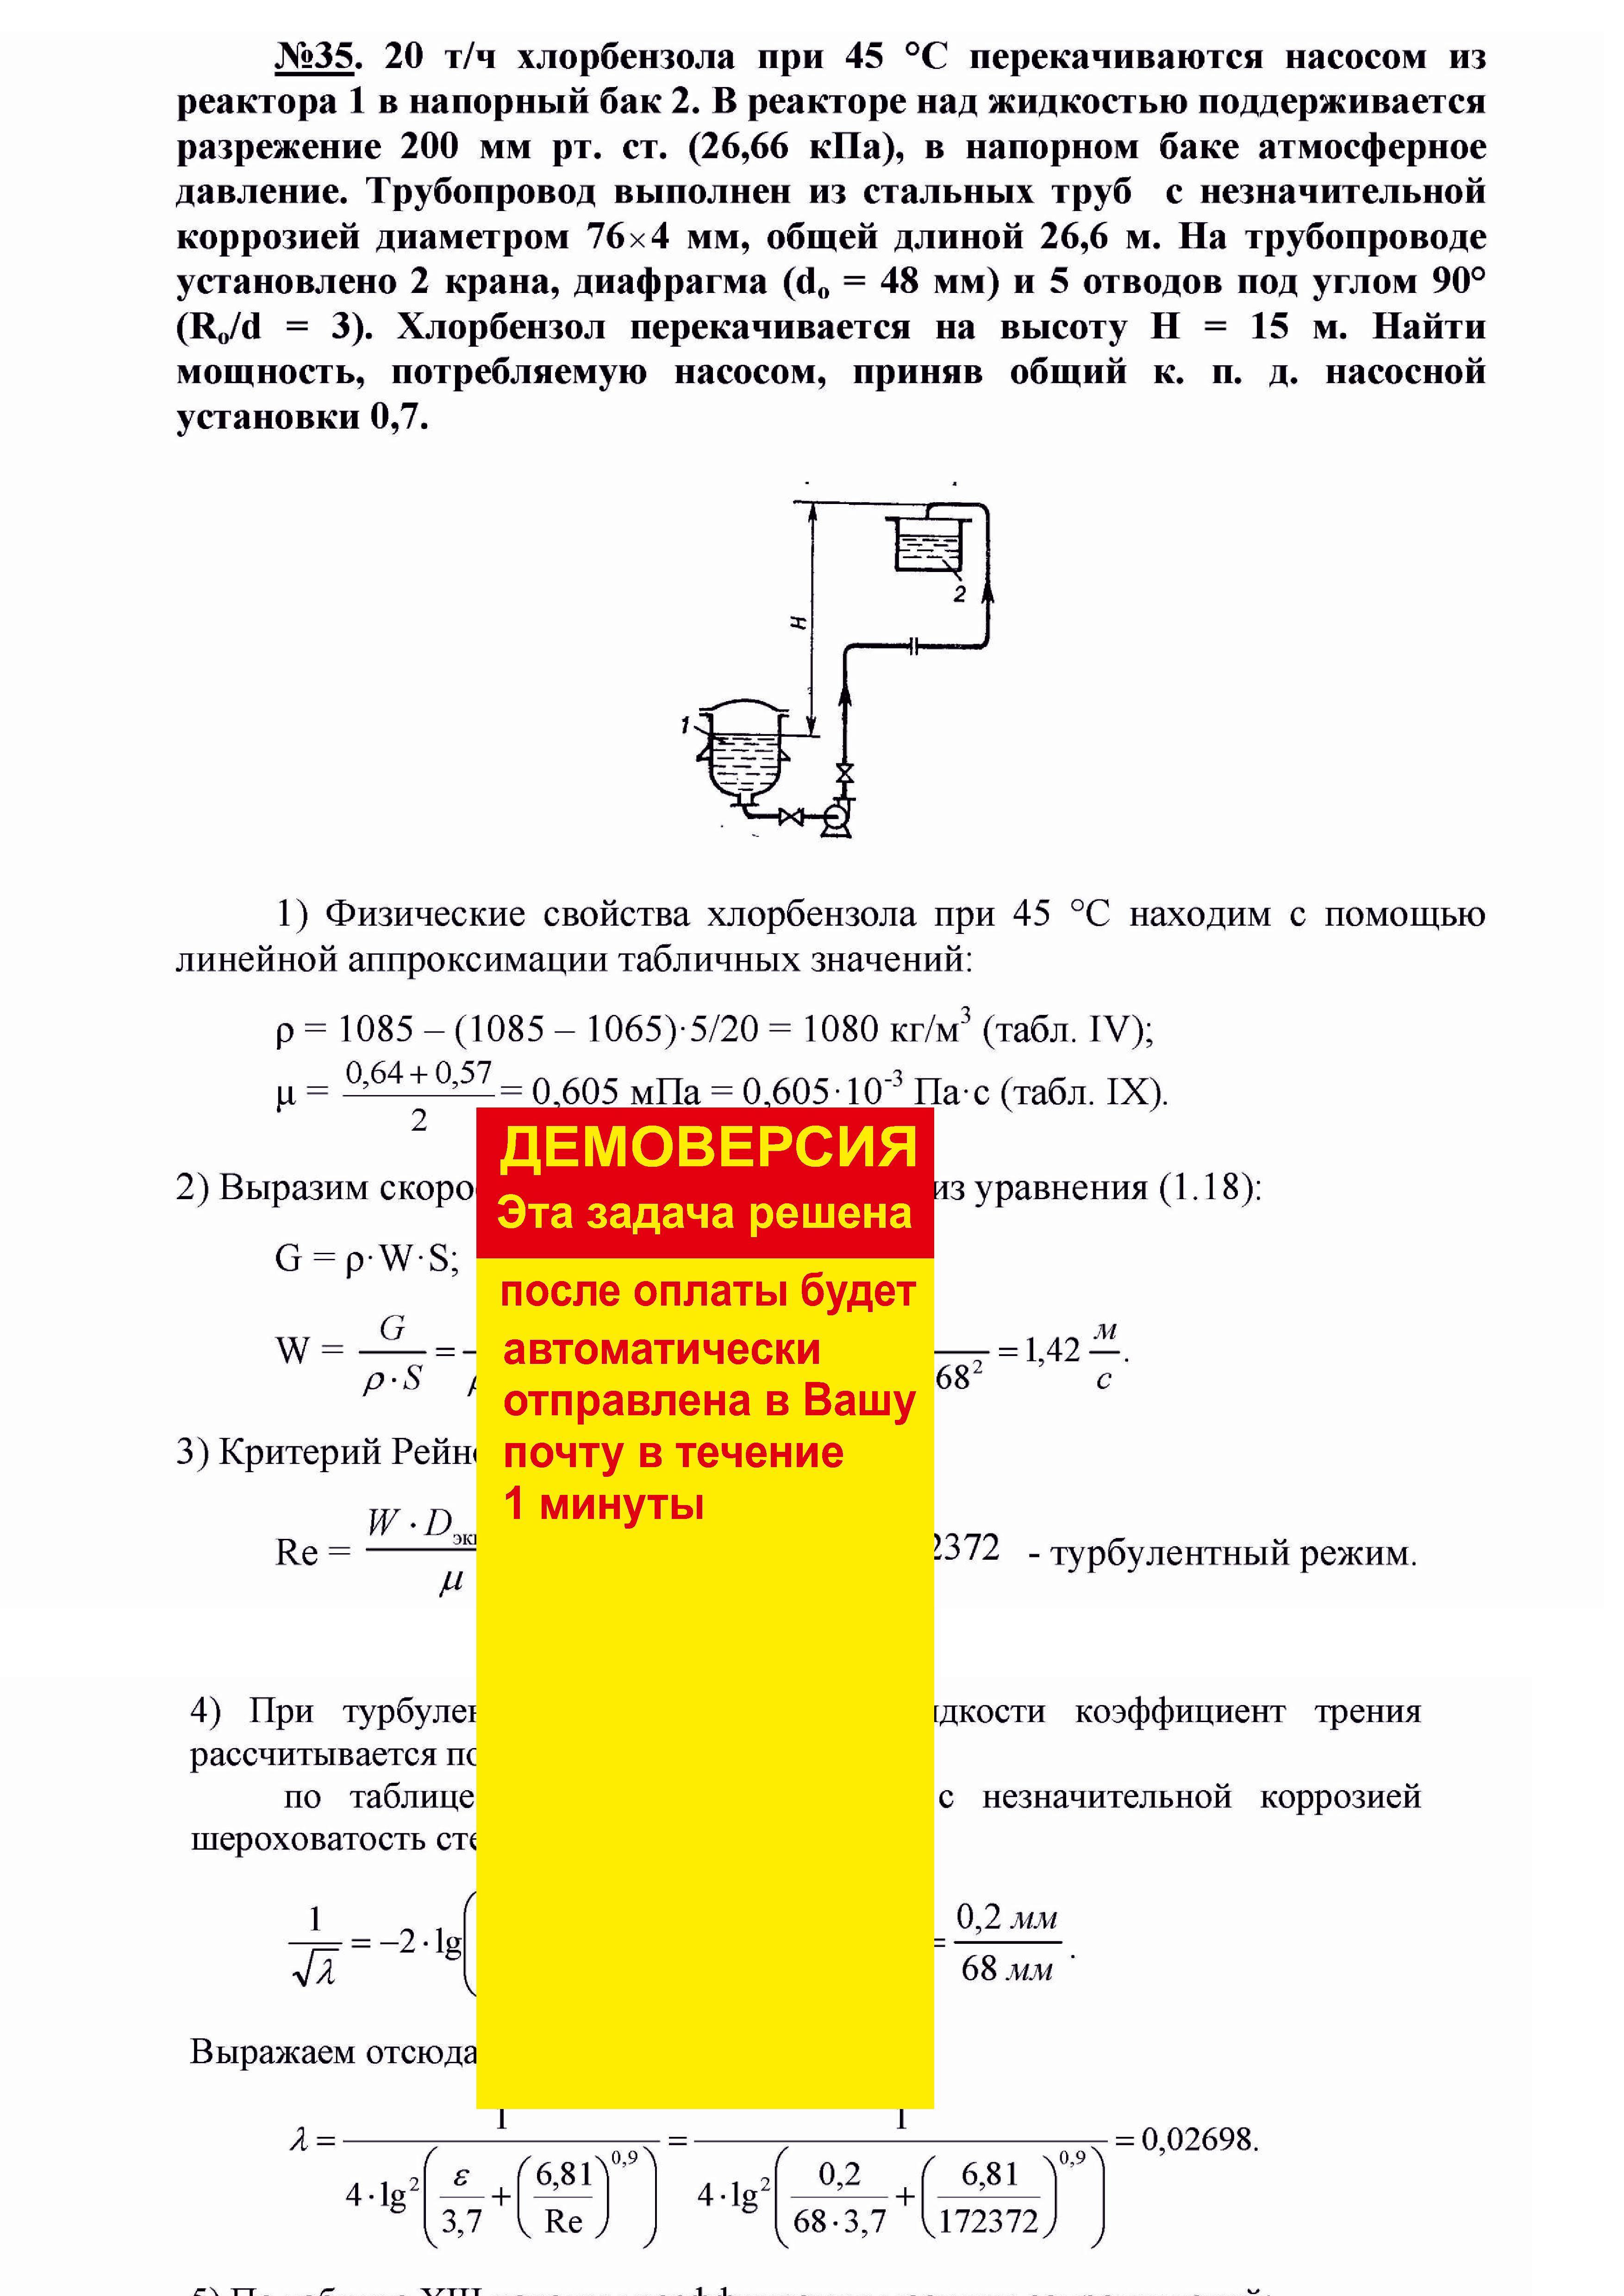 Решение задачи 1.35 по ПАХТ из задачника Павлова Романкова Носкова